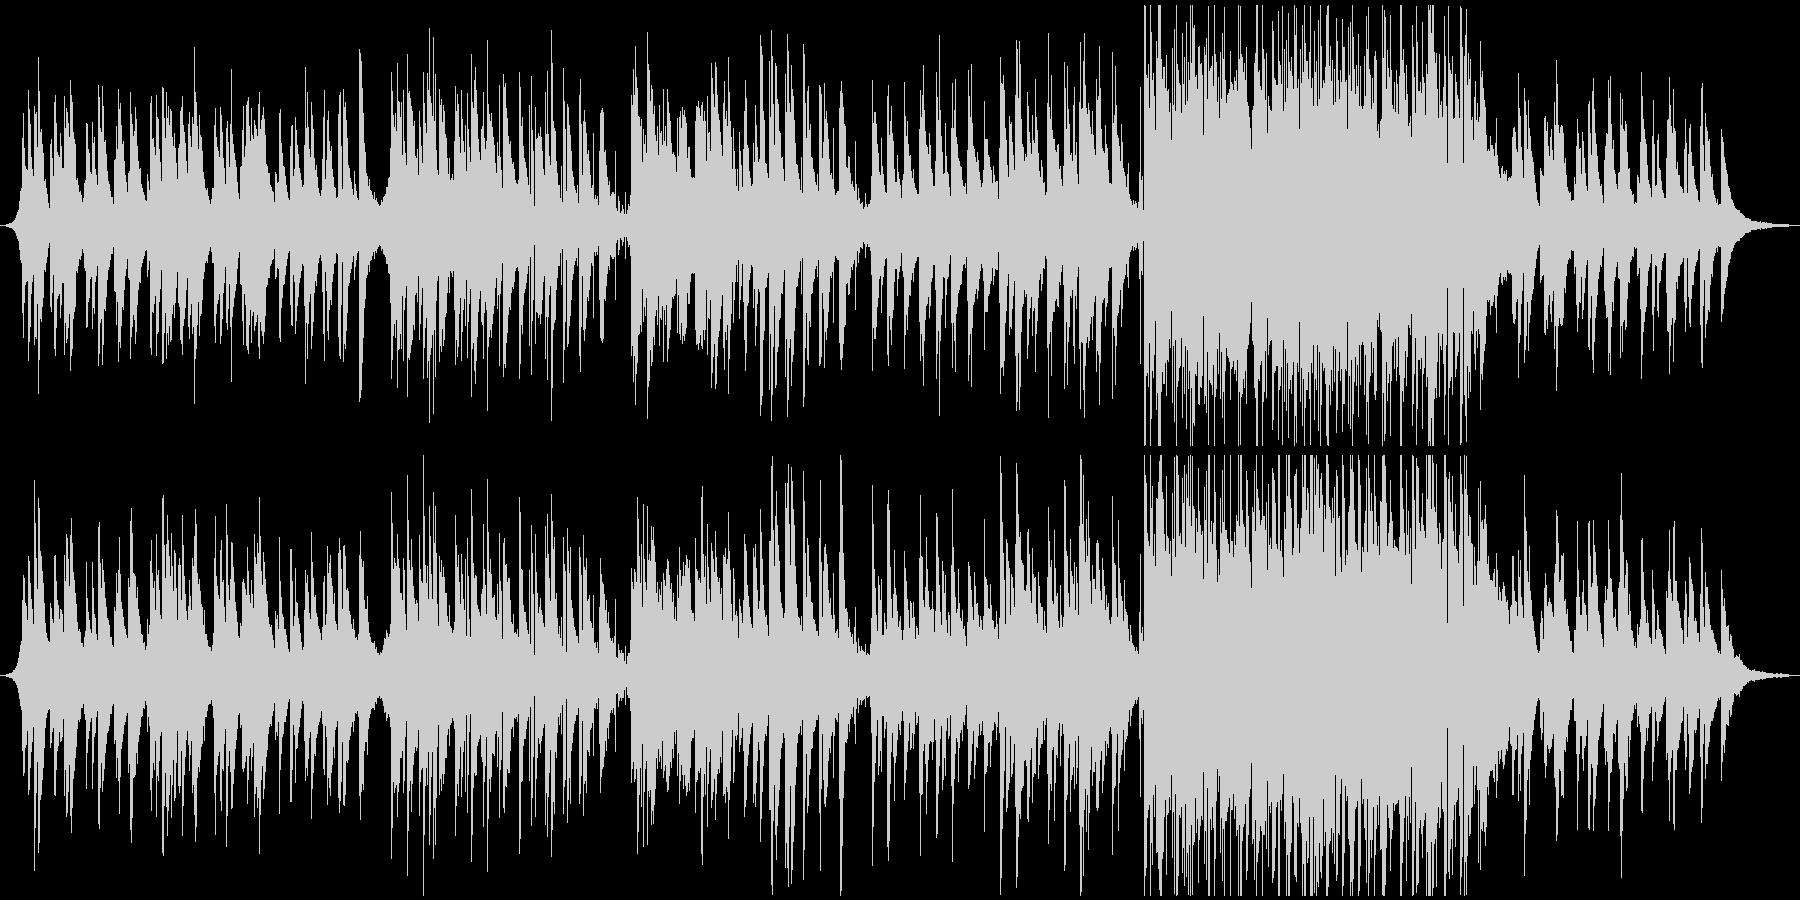 ピアノを主体としたシンプルなED向け楽曲の未再生の波形